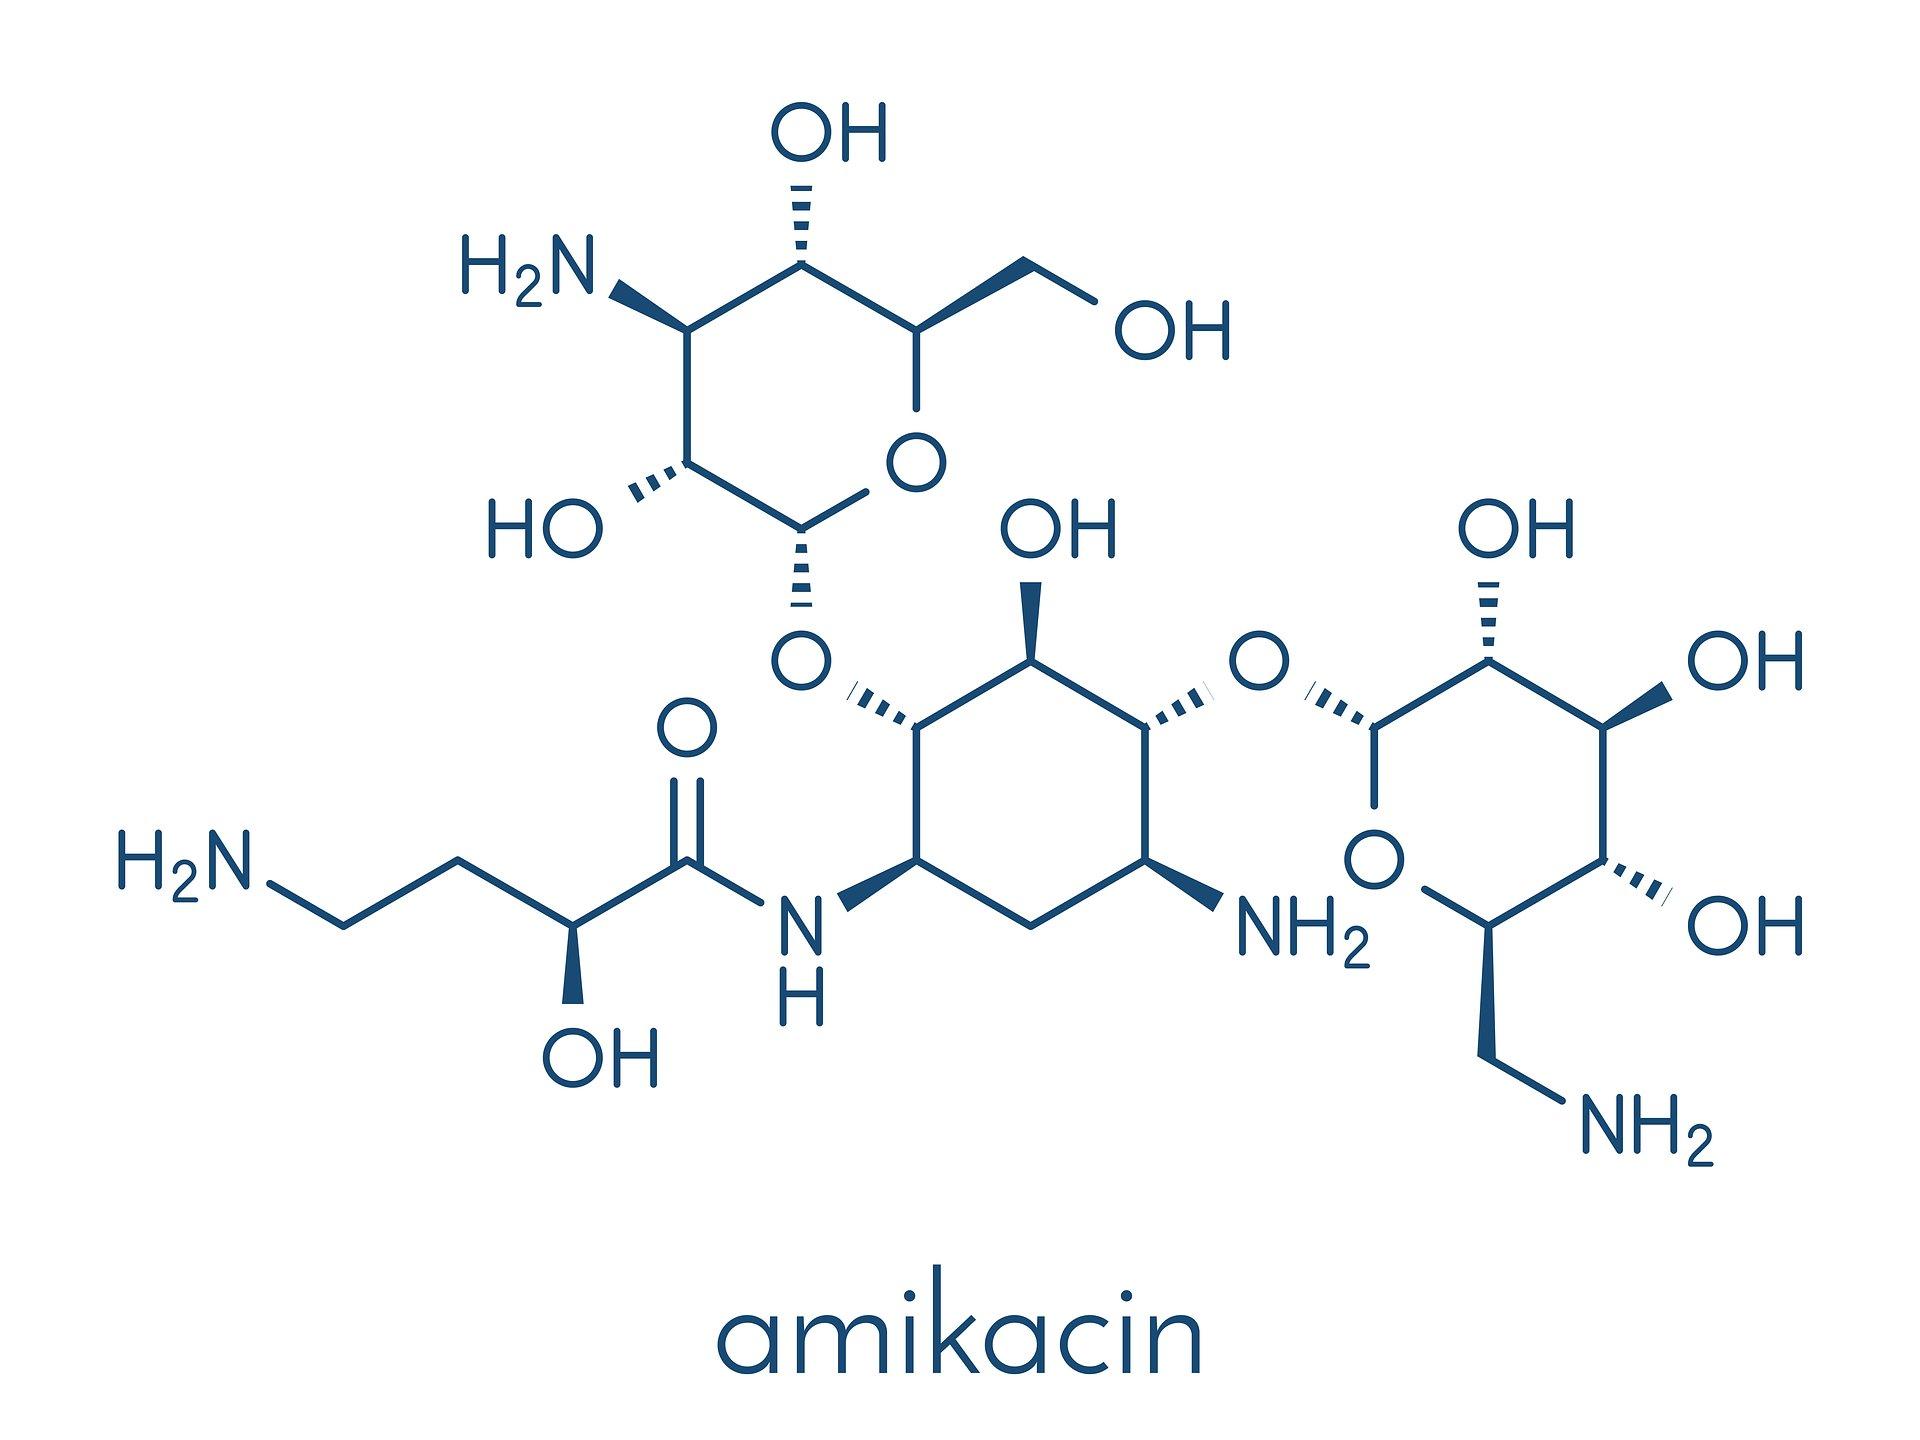 Biodacyna wycofana z obrotu. Wada jakościowa